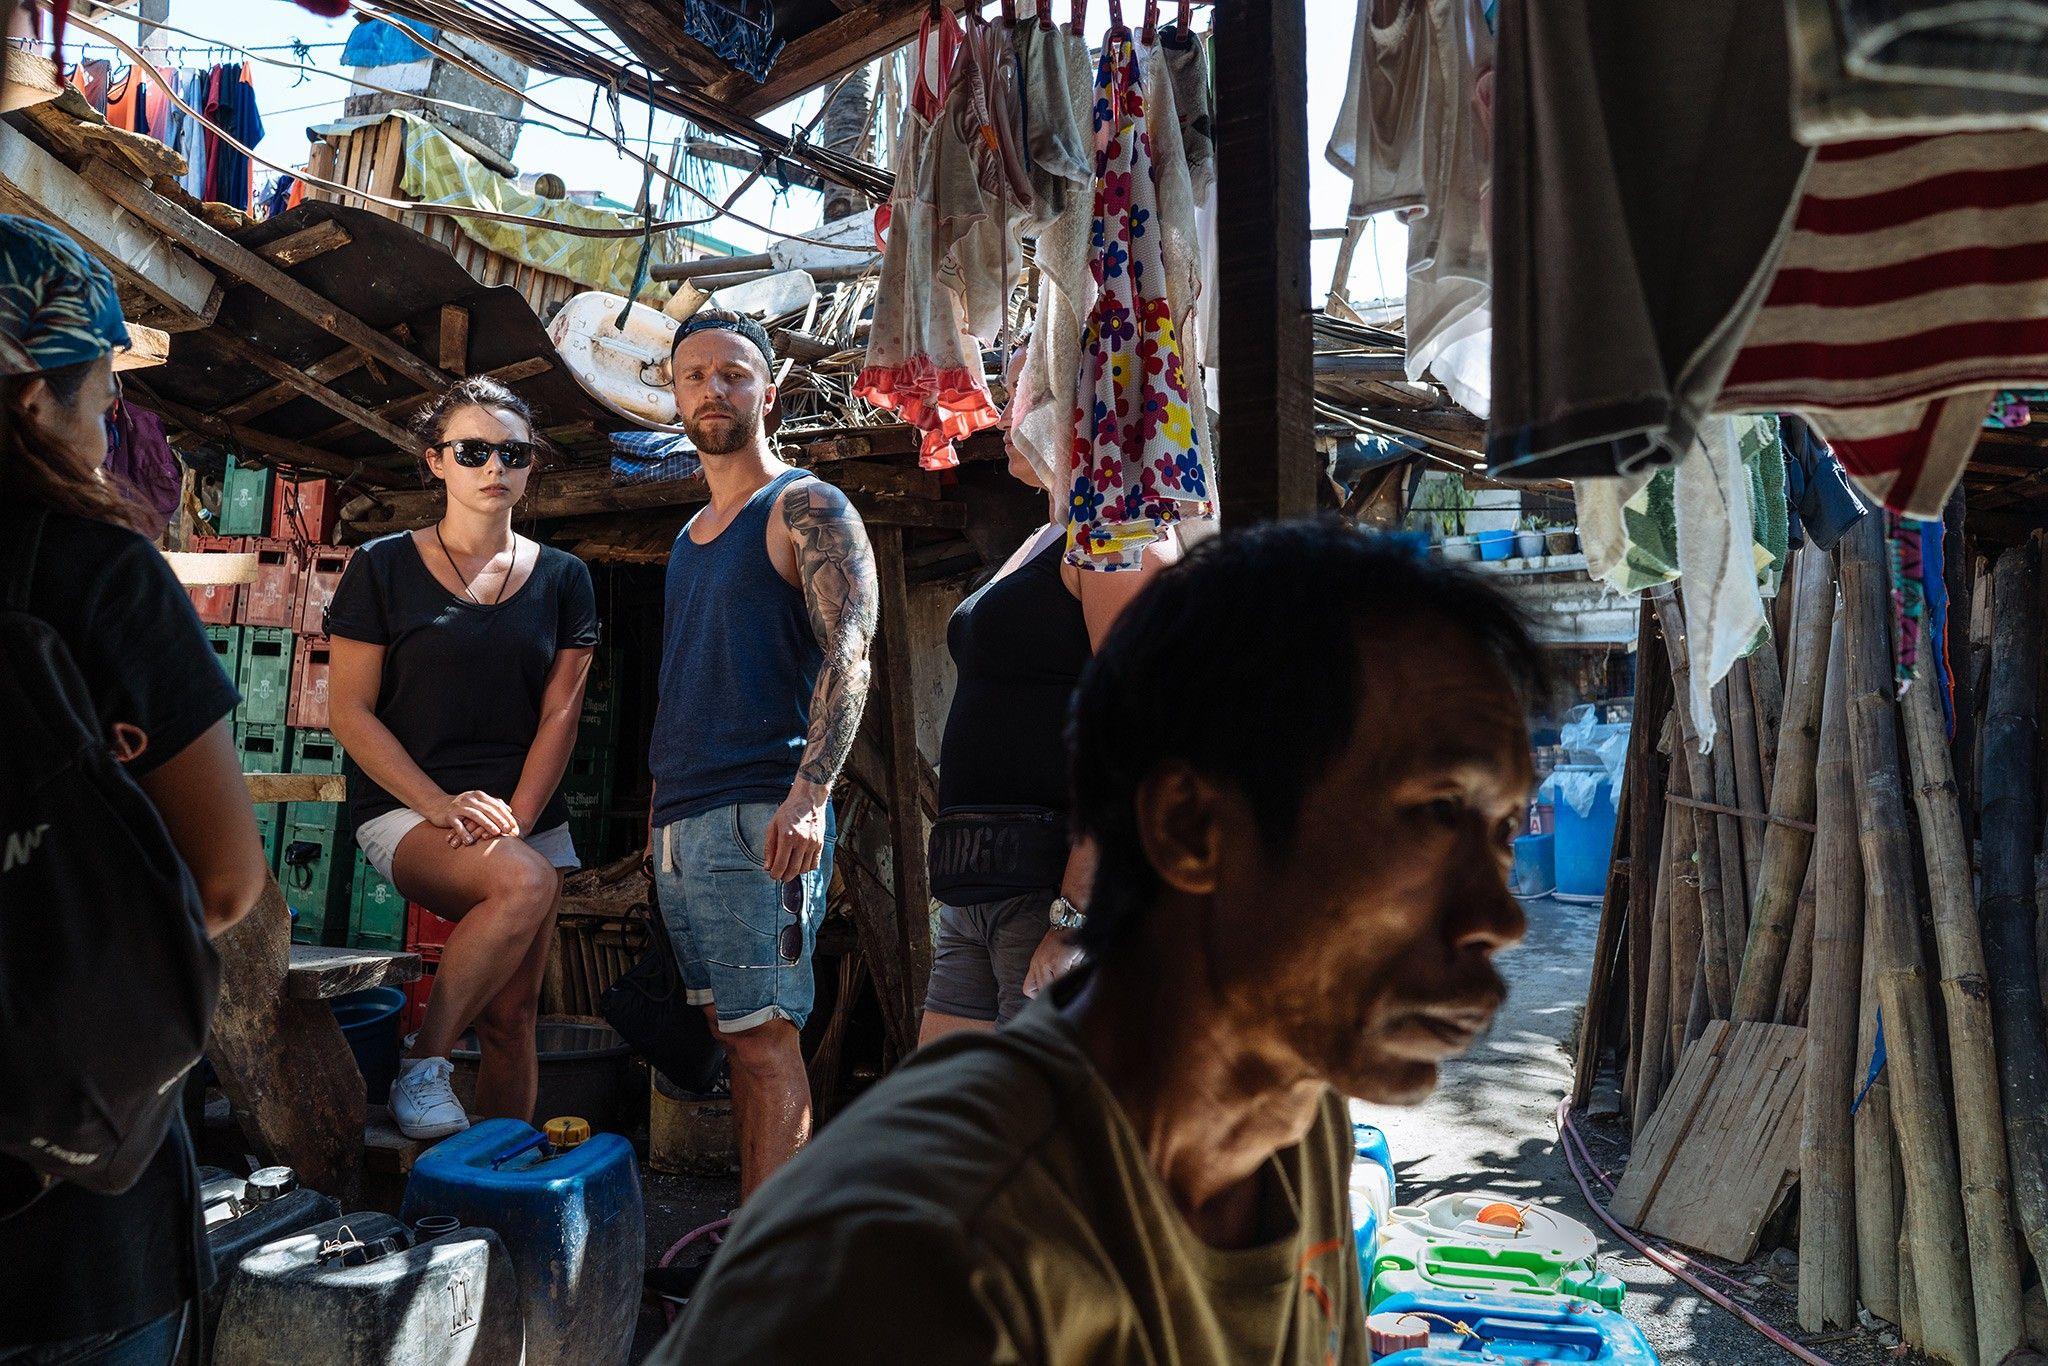 Por dentro do mundo controverso do turismo em favelas | National Geographic